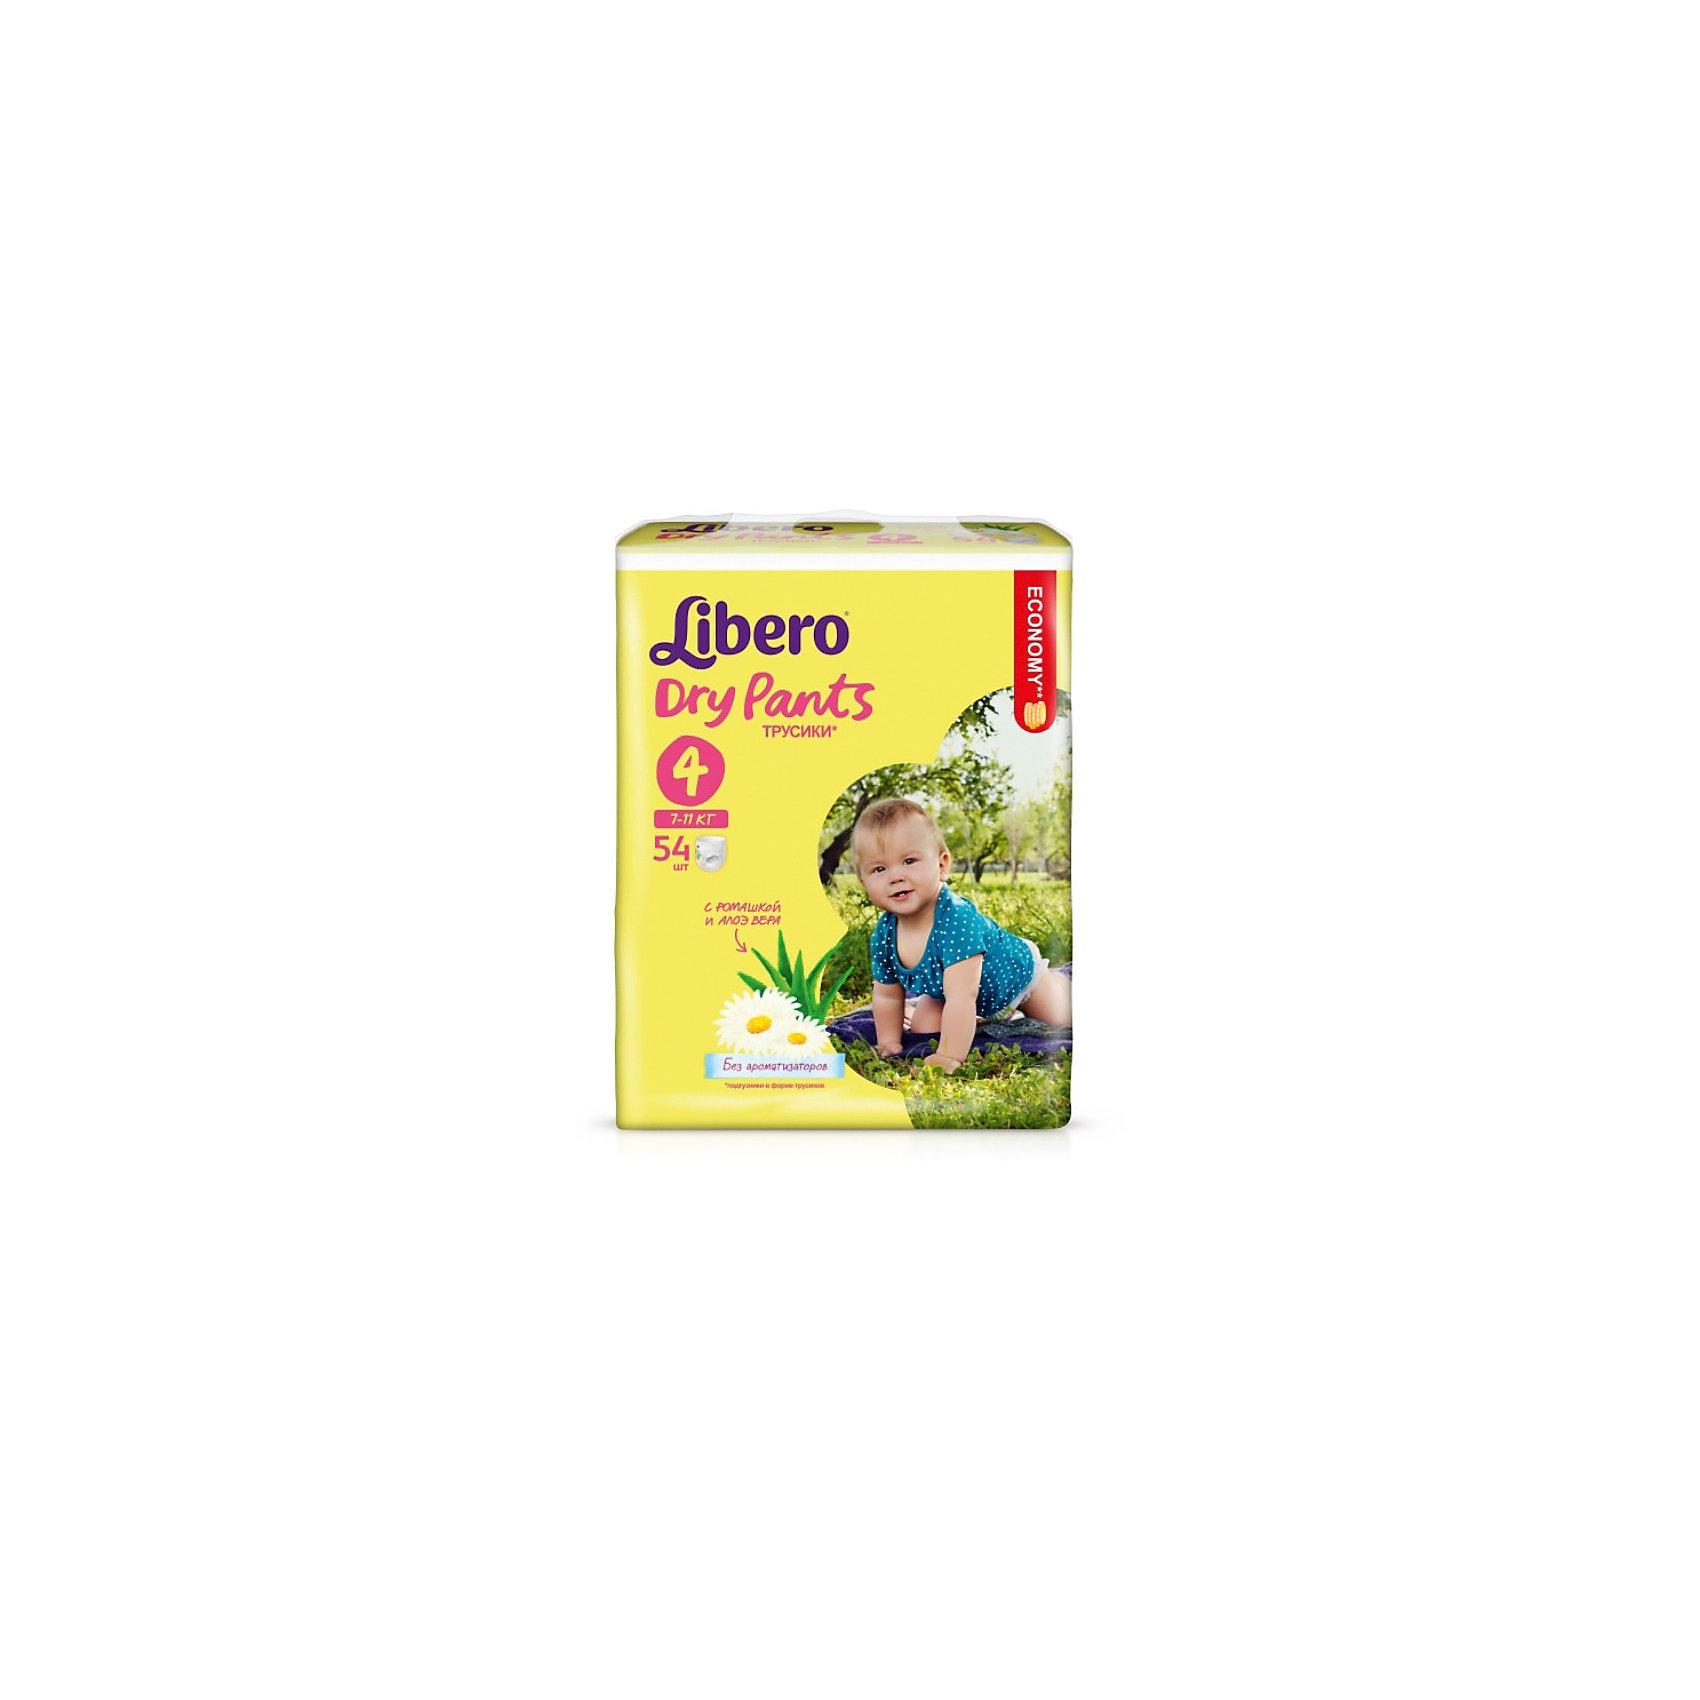 Трусики Libero Dry Pants, Maxi 7-11 кг, 54 шт., MegaТрусики-подгузники<br>Трусики-подгузники Libero Dry Pants (Либеро Драй Пентс) Size 4 (7-11кг), 54 шт.<br><br>Характеристики: <br><br>• легко надевать<br>• мягкие и тонкие трусики<br>• отлично впитывают и удерживают влагу<br>• содержат экстракт ромашки<br>• тянущийся поясок из дышащих материалов<br>• барьеры вокруг ножек защищают от протекания<br>• не сковывают движений<br>• легко снимать и сворачивать<br>• размер: 4 (7-11 кг)<br>• количество в упаковке: 54 шт.<br><br>Если ваш малыш не любит спокойно ждать пока вы его переоденете, то трусики-подгузники Libero Dry Pants станут для вас прекрасным решением. Они легко надеваются, как обычное белье и также легко снимаются при разрывании боковых швов. Трусики очень мягкие и тонкие, при этом они отлично впитывают и удерживают влагу, не стесняя движений крохи. Экстракт ромашки и алоэ успокоит нежную кожу малыша. Высокие барьеры и эластичный поясок препятствуют протеканию.  После использования вы легко сможете свернуть трусики и заклеить из специальной клейкой лентой. Яркая упаковка и привлекательный дизайн превратят процесс переодевания в веселую игру!<br><br>Трусики-подгузники Libero Dry Pants Size 4 (7-11кг), 54 шт. вы можете купить в нашем интернет-магазине.<br><br>Ширина мм: 147<br>Глубина мм: 290<br>Высота мм: 355<br>Вес г: 1792<br>Возраст от месяцев: 6<br>Возраст до месяцев: 24<br>Пол: Унисекс<br>Возраст: Детский<br>SKU: 3517636